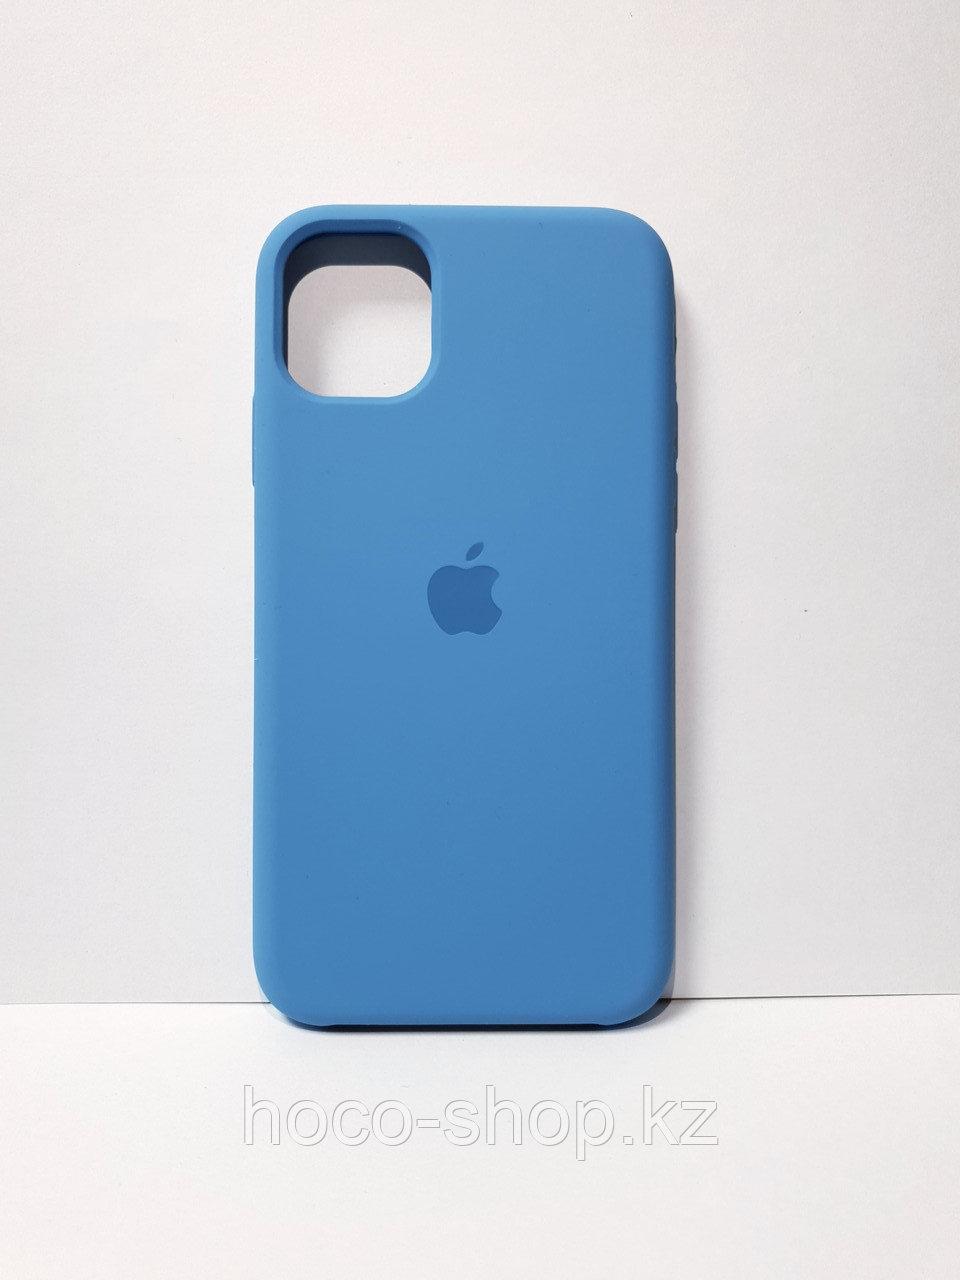 Защитный чехол для iPhone 11 Soft Touch силиконовый, темно-голубой